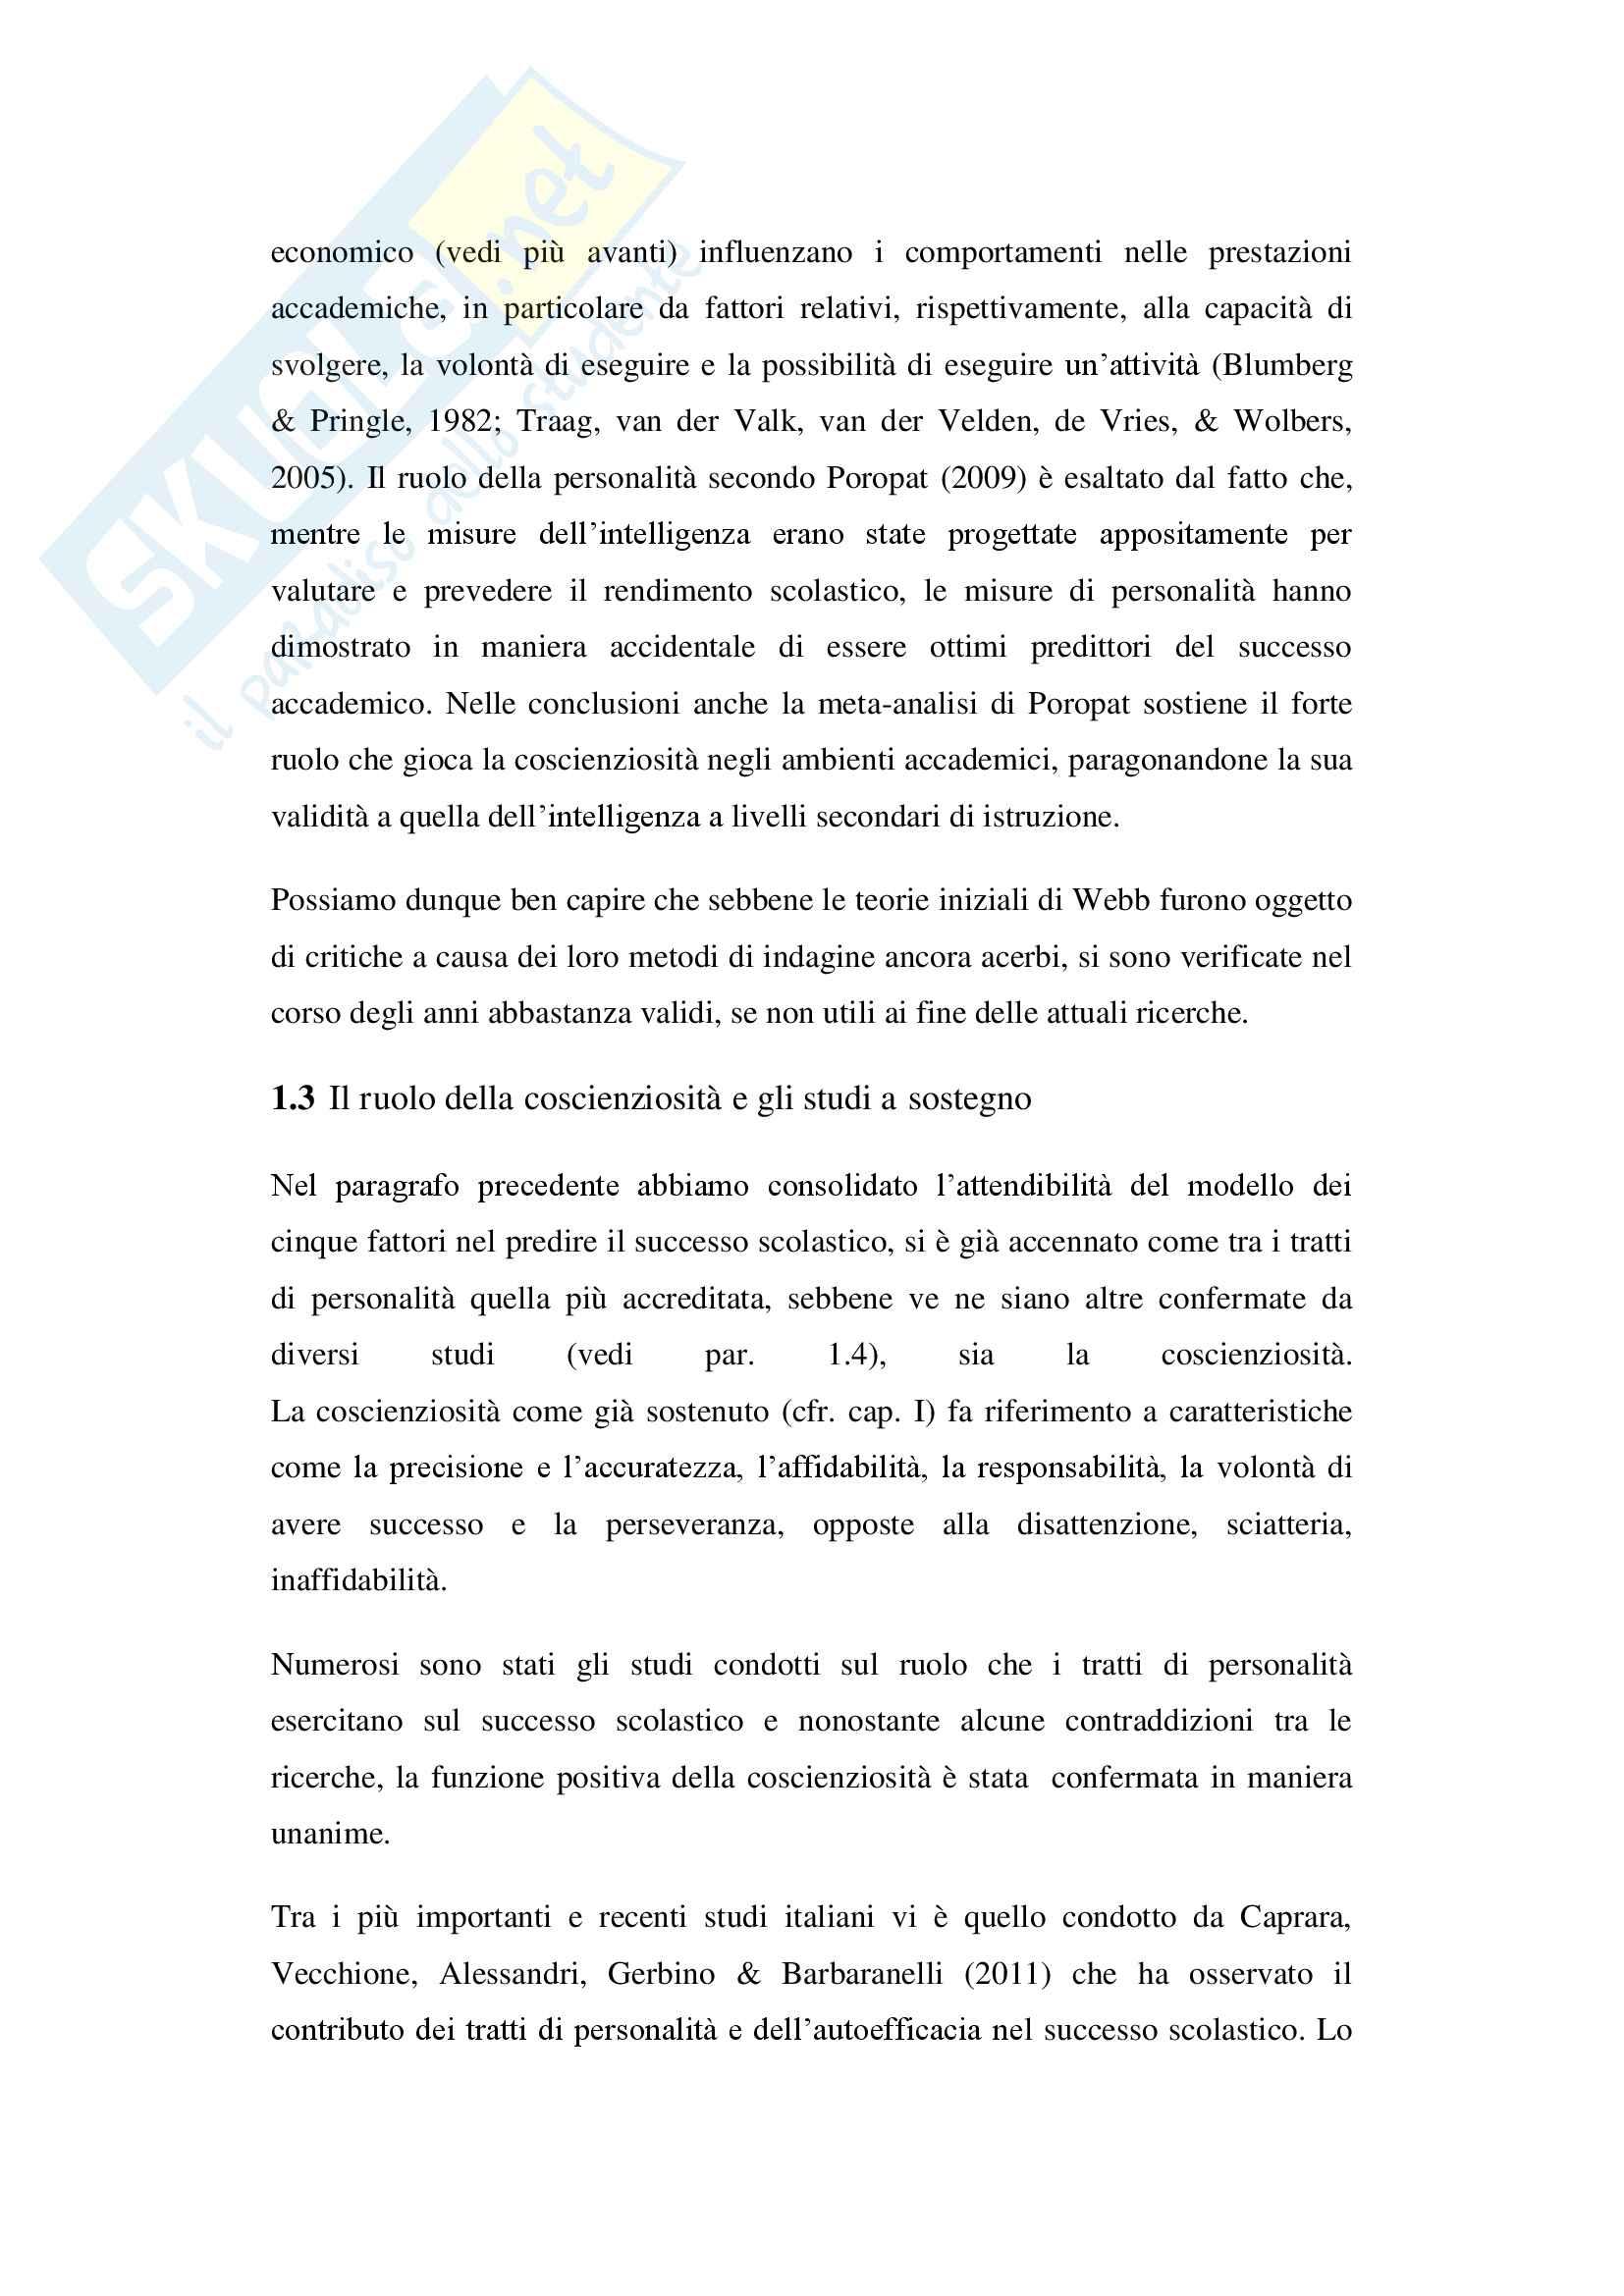 Tratti di personalità e successo scolastico: il ruolo della coscienziosità Pag. 21